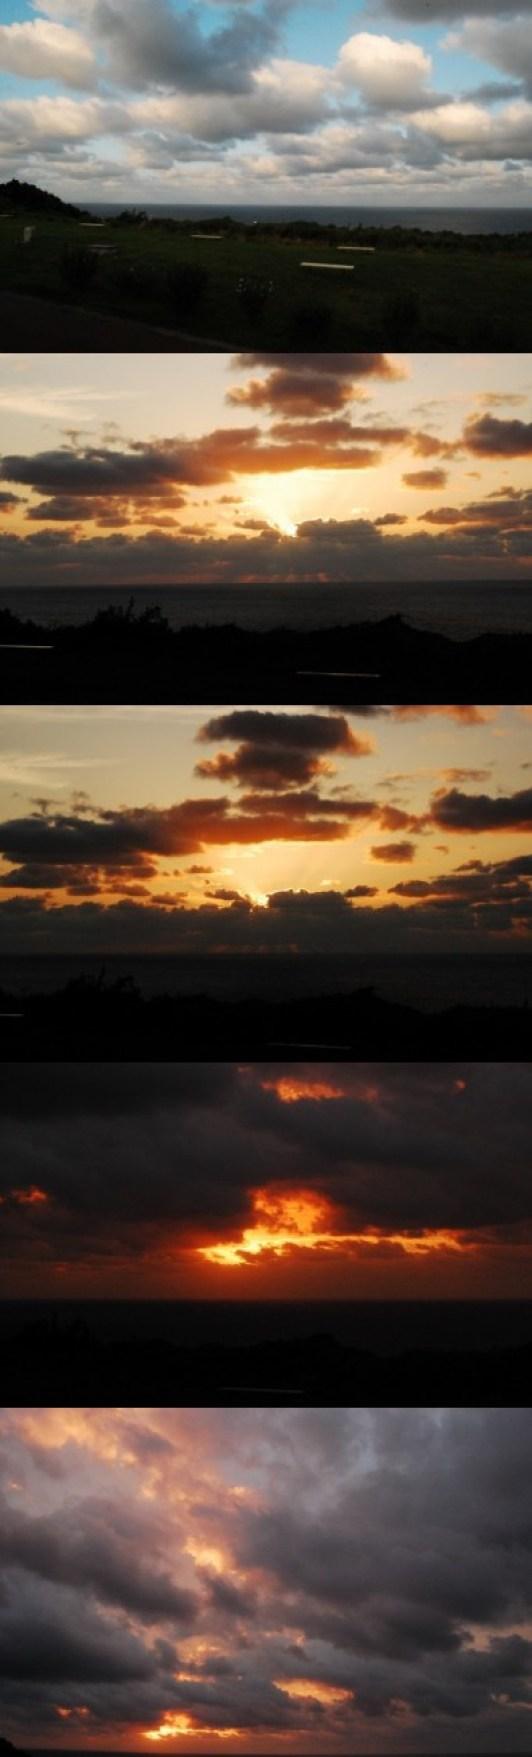 20080901 Cyworld Jug II-woo.jpg